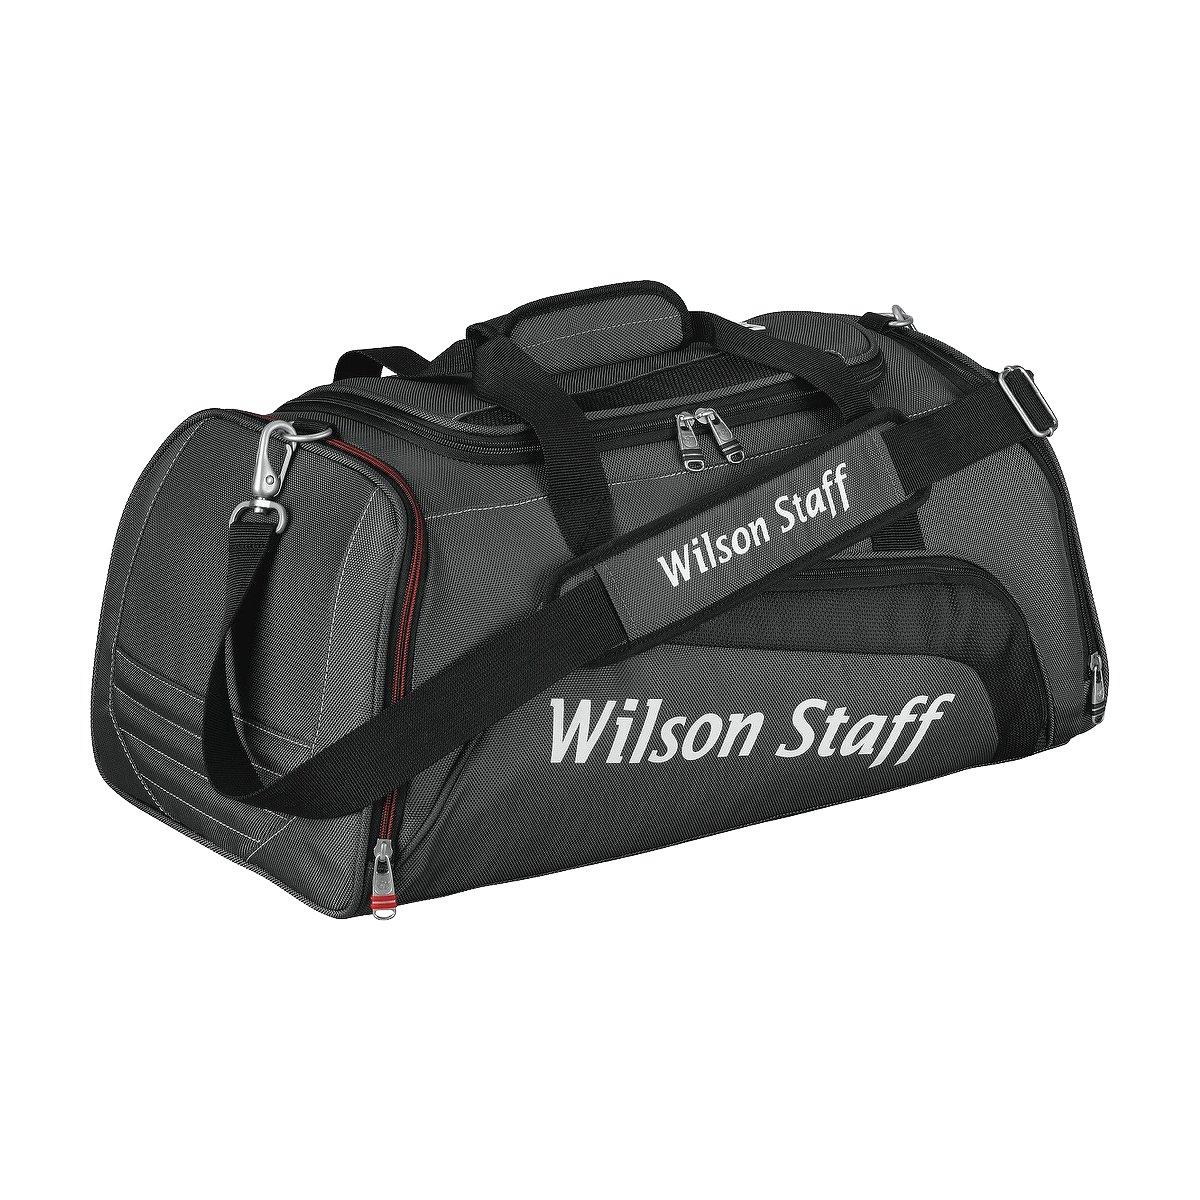 ウィルソンスタッフ2014 Overnight Duffle Bagブラック   B00H5AXDL6